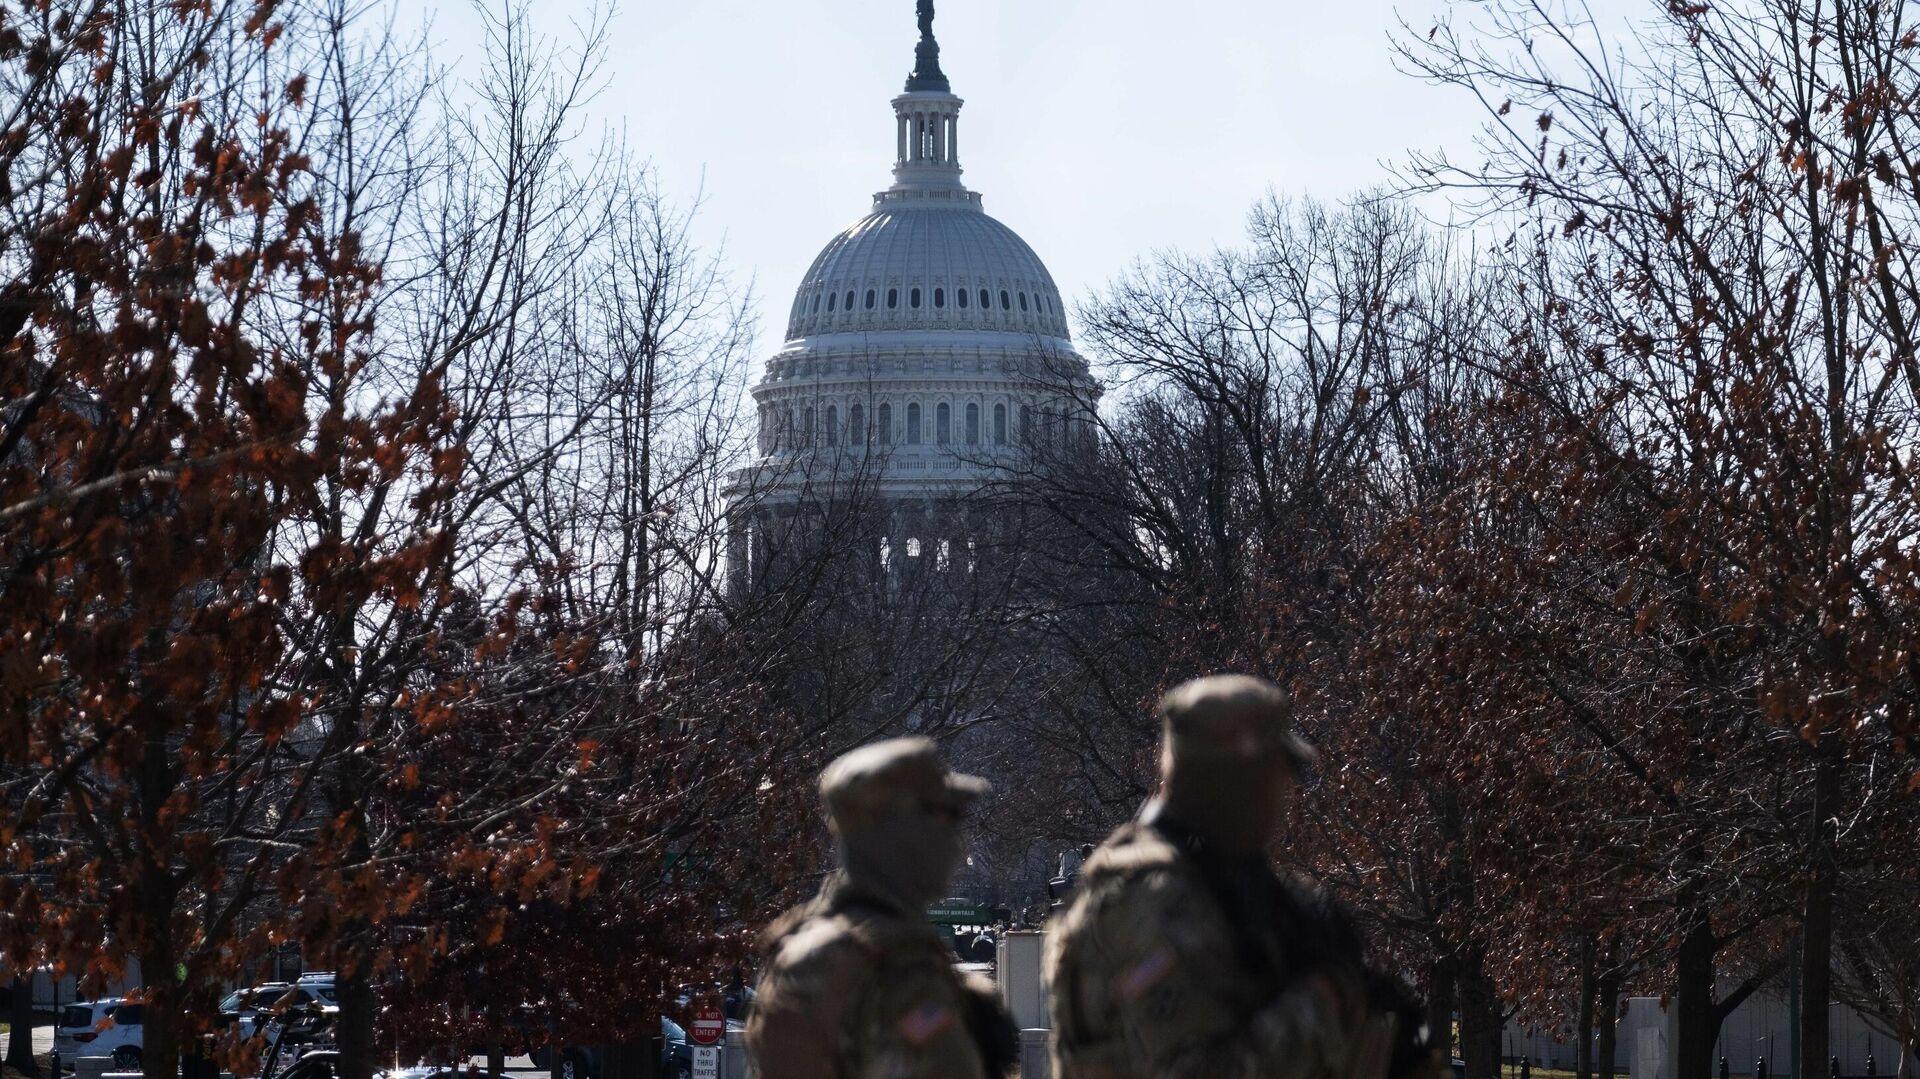 Военнослужащие Национальной гвардии дежурят неподалеку от здания Капитолия в Вашингтоне - РИА Новости, 1920, 17.01.2021